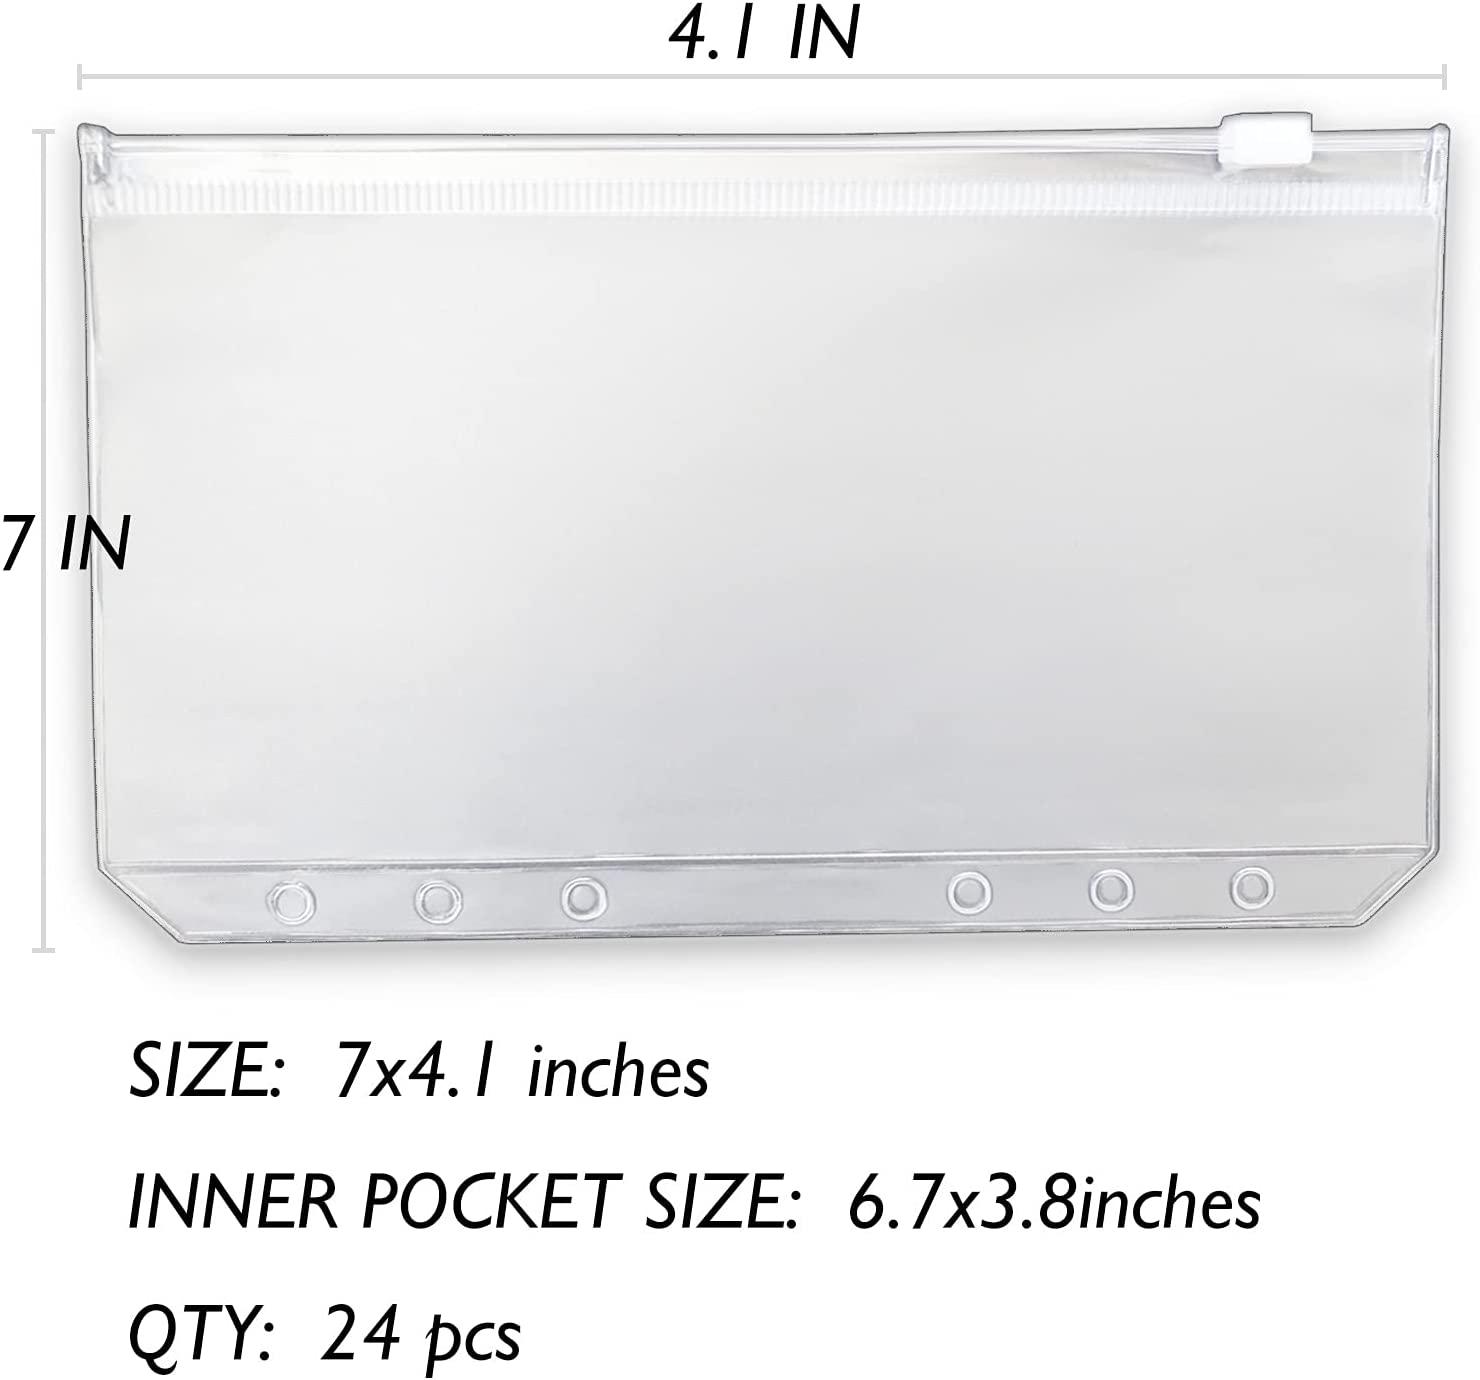 Папка для бумаг формата A6, 24 шт., папка для бумаг формата A6, подходит для 6 переплетчиков, папка для бумаг формата A6, конверт для наличных, офис...